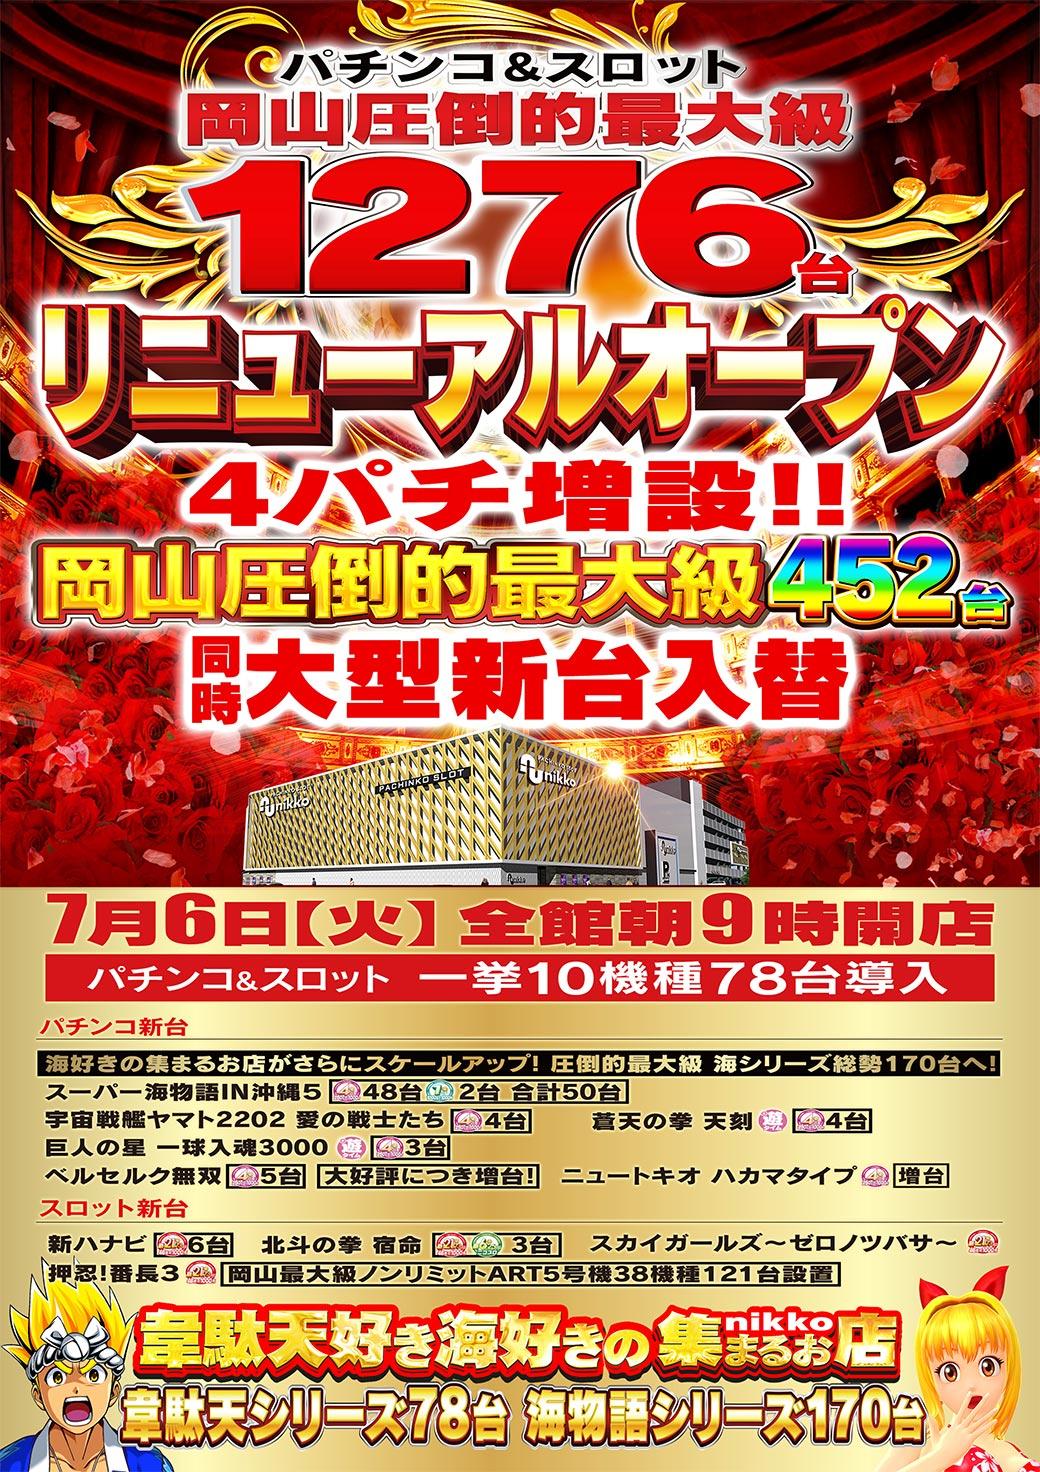 nikko東岡山店(リニューアル)